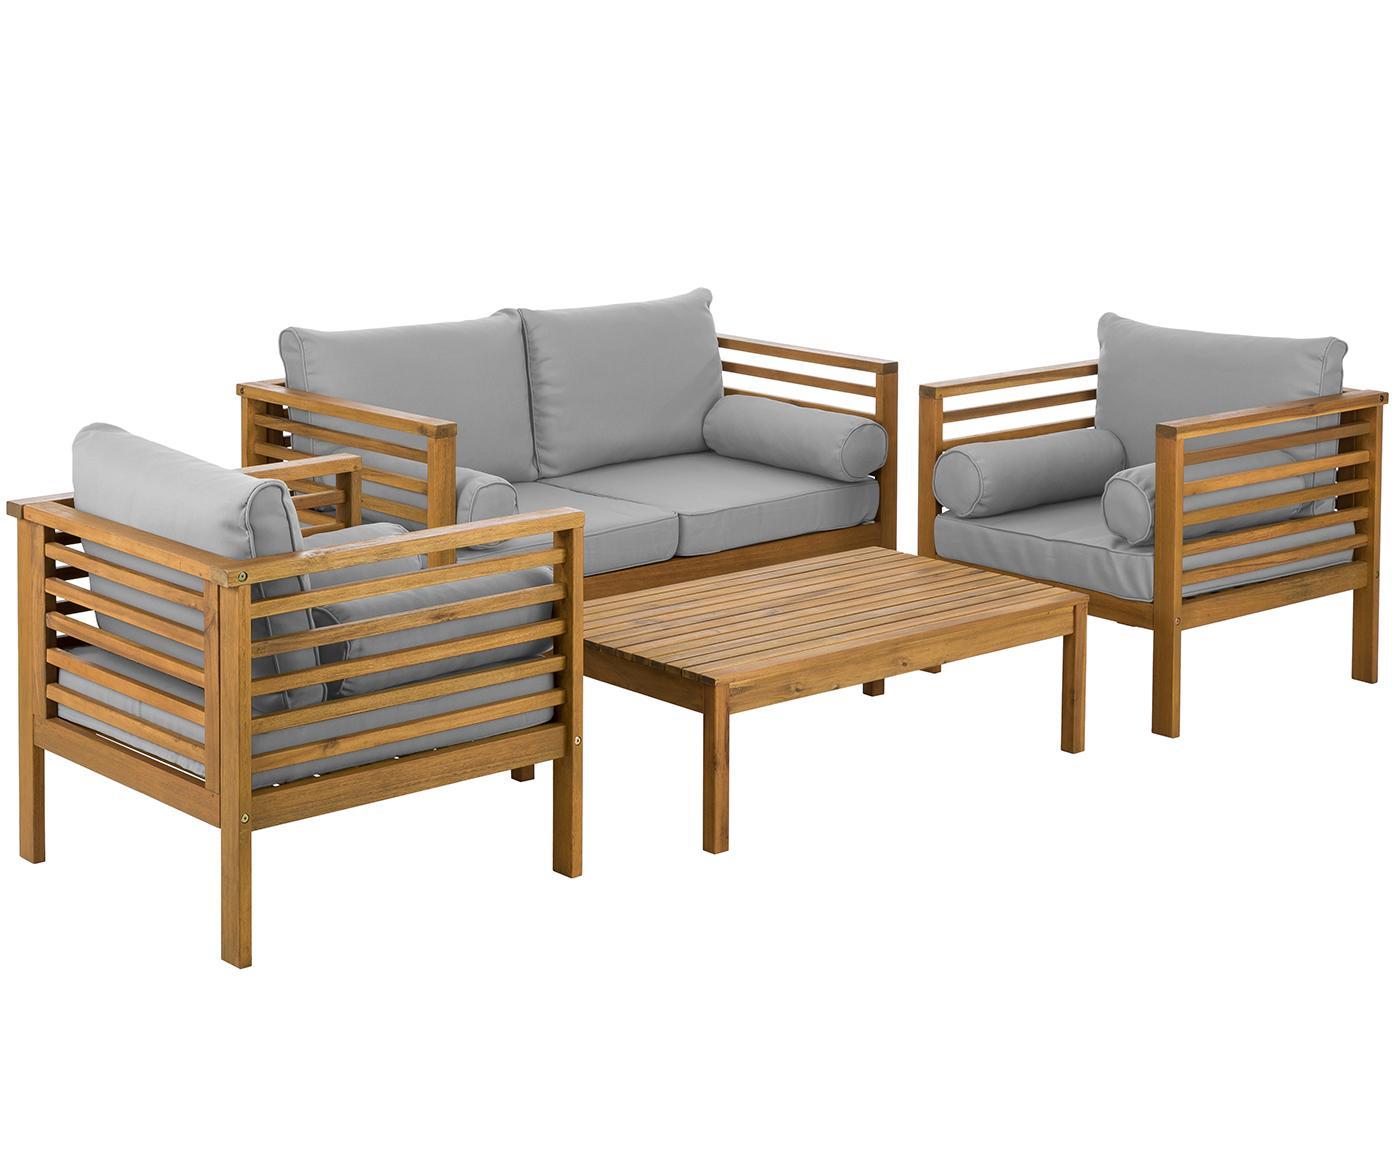 Salotto da giardino Bo, set di 4, Rivestimento: poliestere, Rivestimenti: grigio Struttura: legno d'acacia, Diverse dimensioni